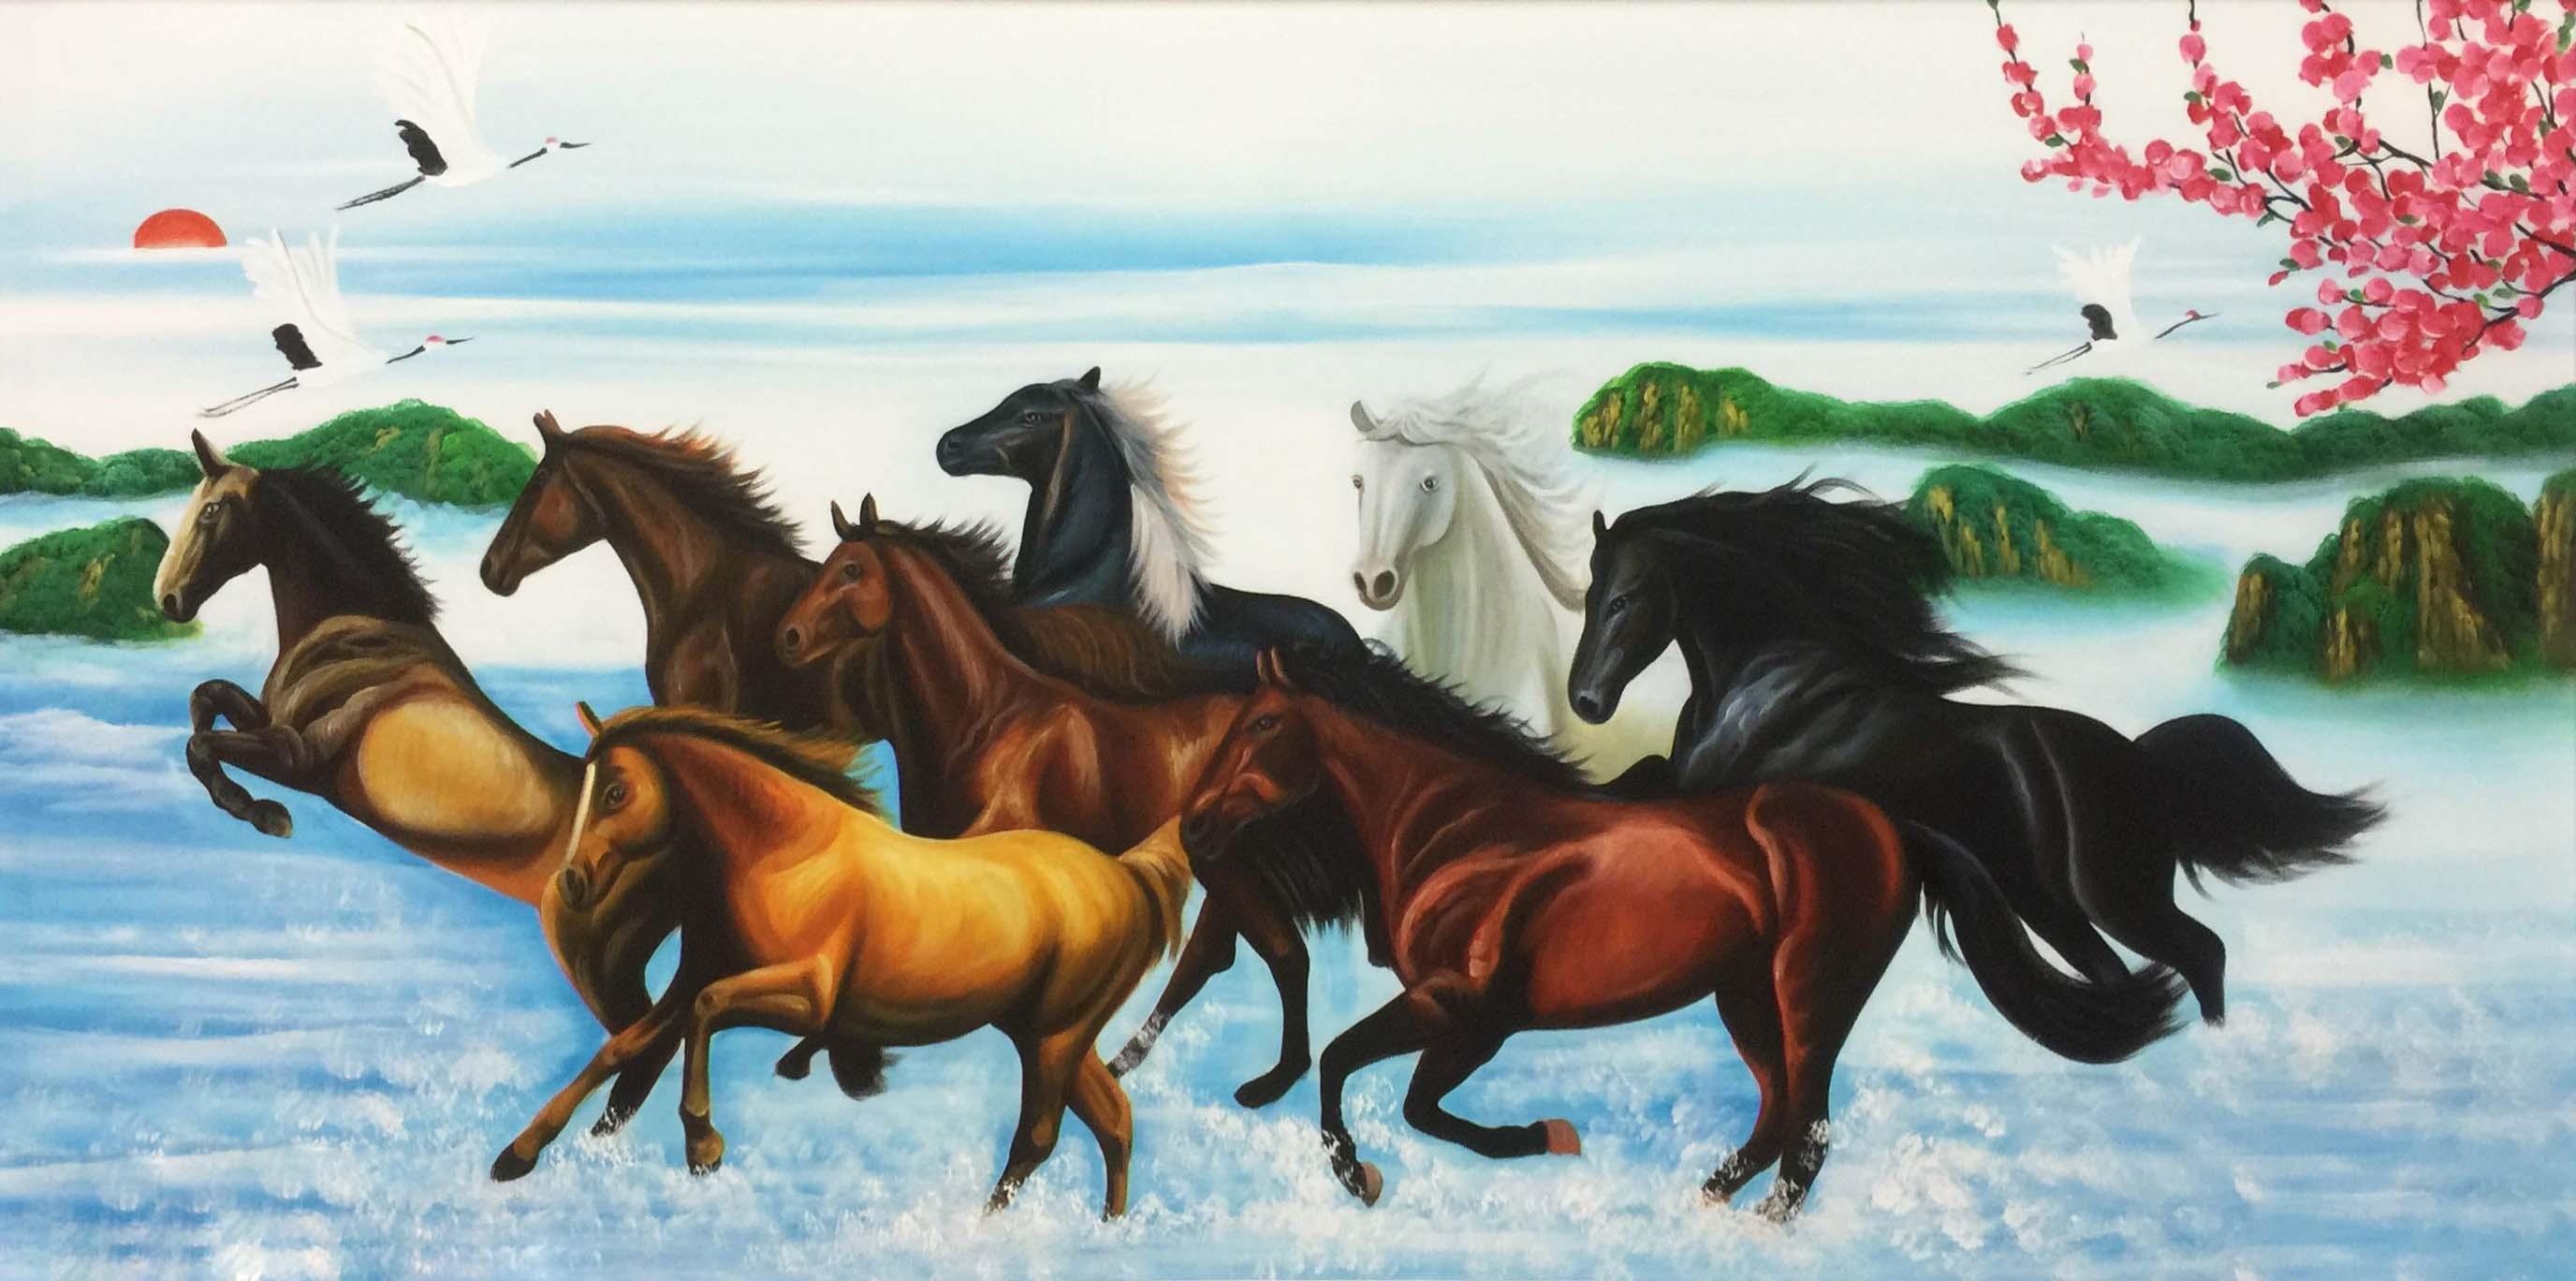 tranh sơn dầu ngựa hợp với người mệnh thủy